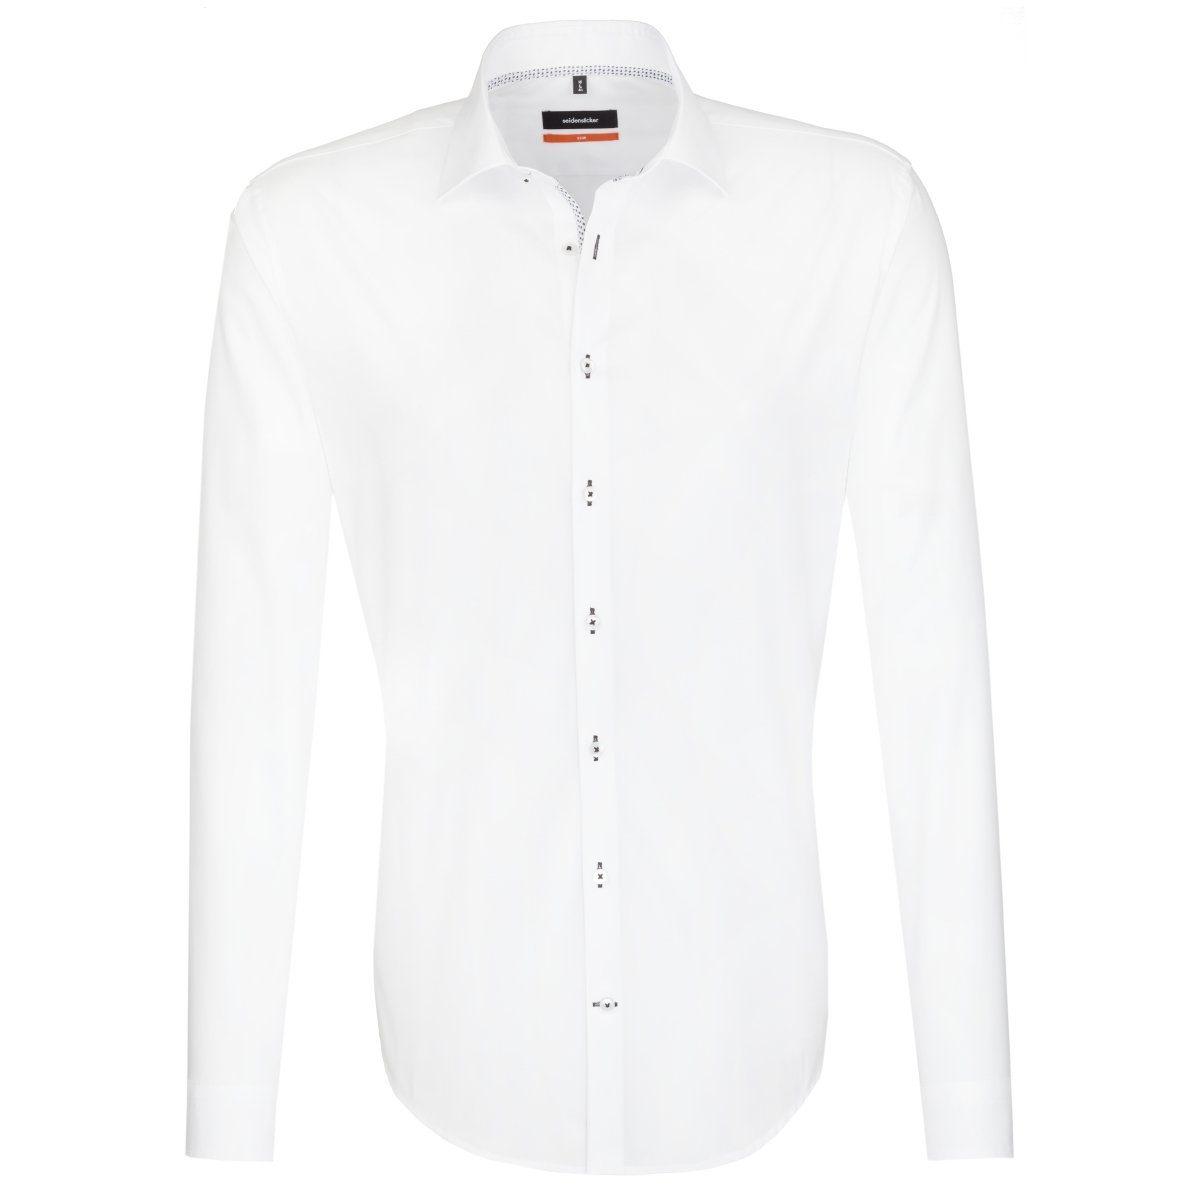 seidensticker Businesshemd »Slim« | Bekleidung > Hemden > Business Hemden | Weiß | SEIDENSTICKER